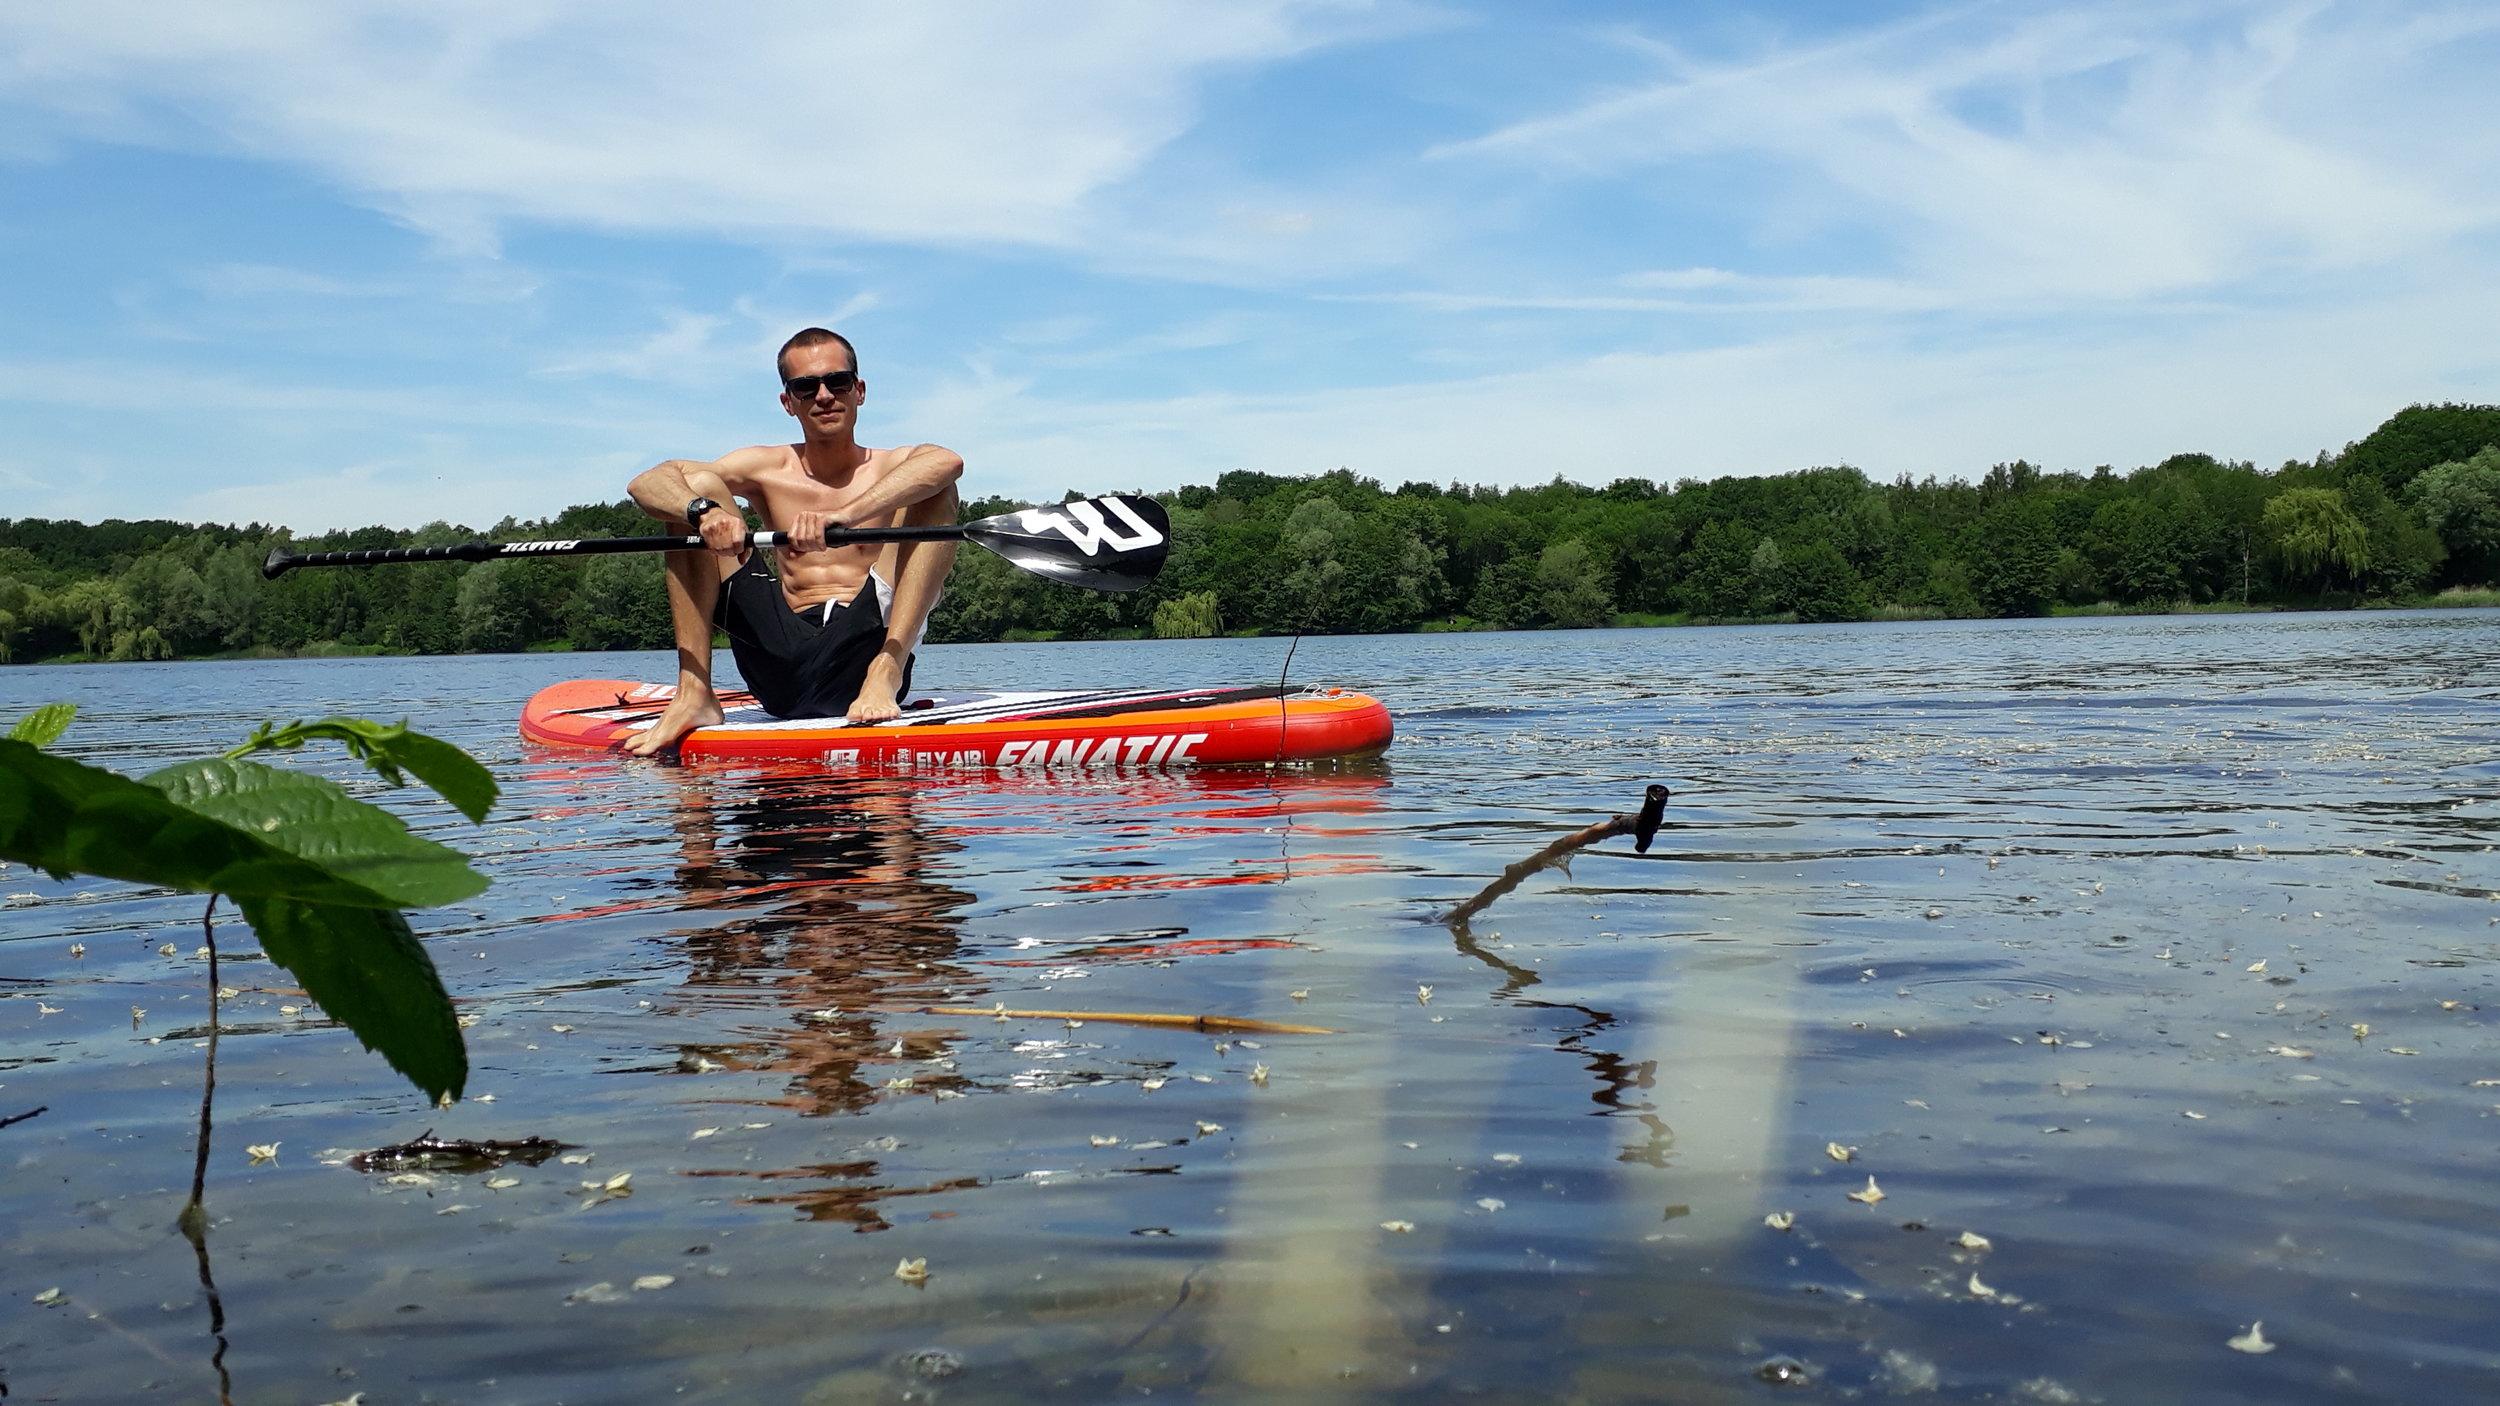 Kevin Otte  ist Brettsport-Enthusiast, DLRG-Kind, Wasserratte und am liebsten Barfuss unterwegs. Zum Sitzen kommt er nur als wissenschaftlicher Mitarbeiter der Hochschule Hamm-Lippstadt.